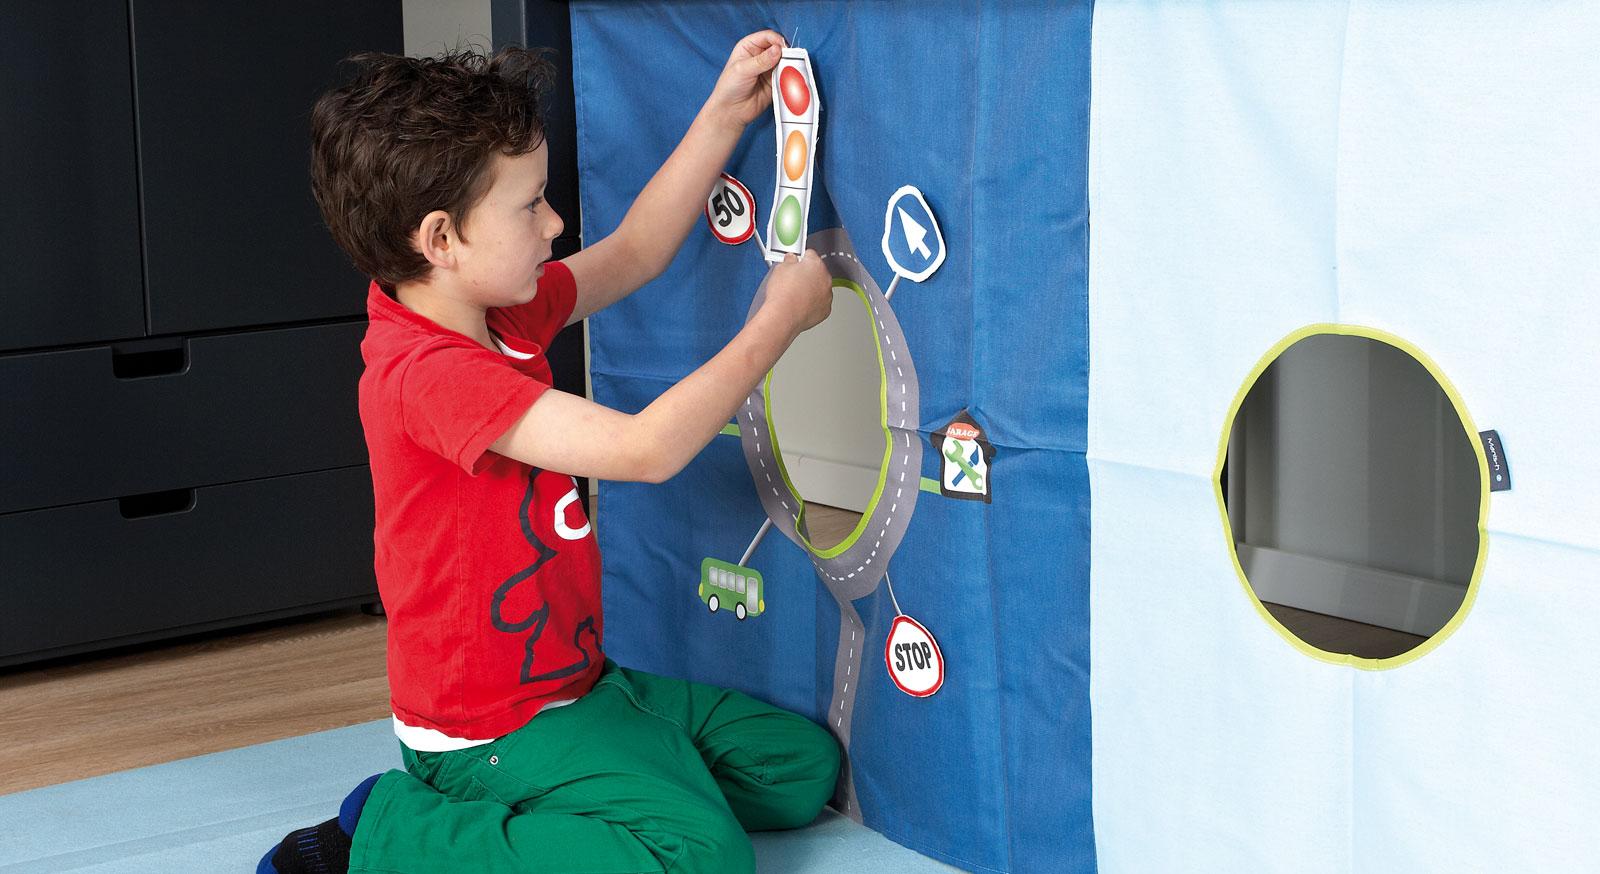 Spielvorhang Kids Town mit interaktiver Spielfunktion